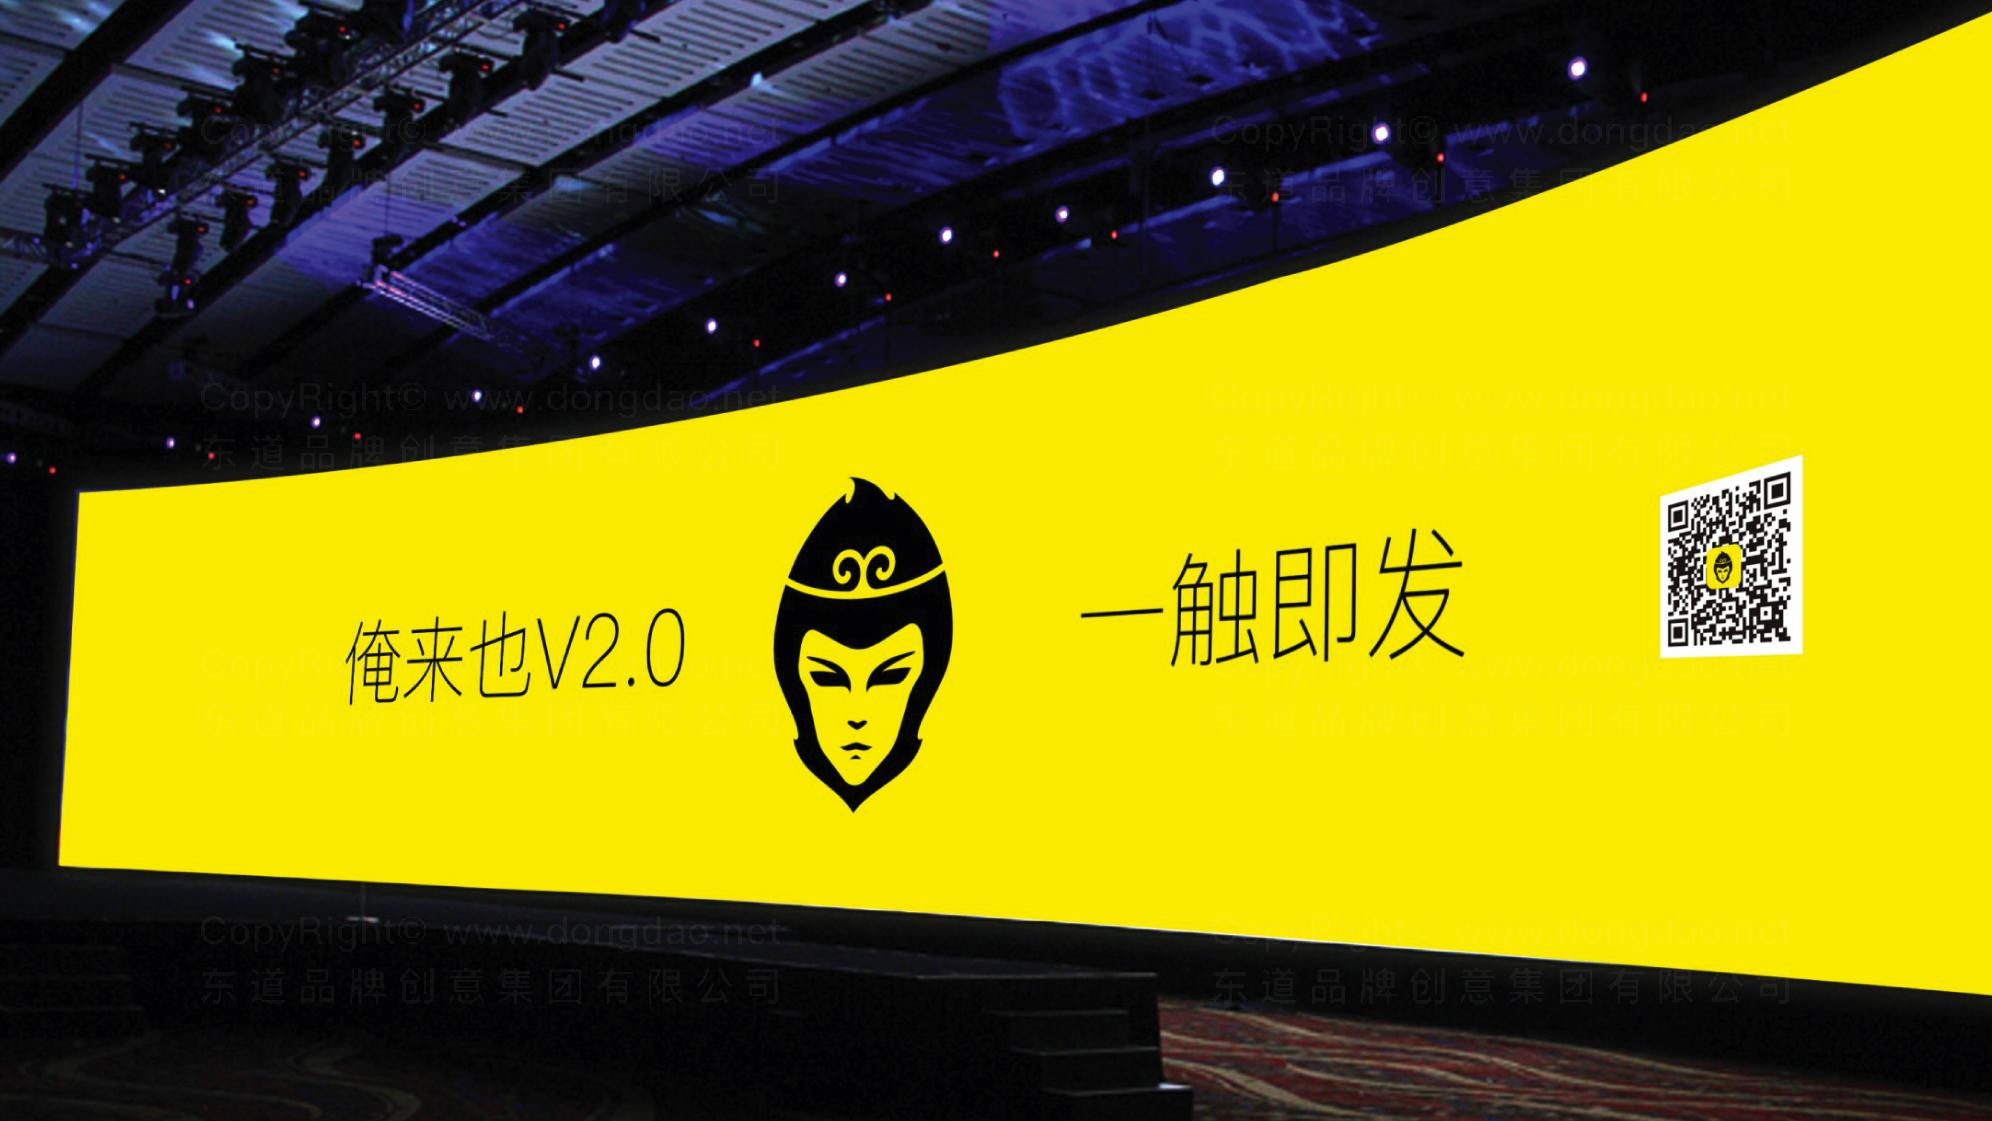 品牌设计俺来也LOGO&VI设计应用场景_2